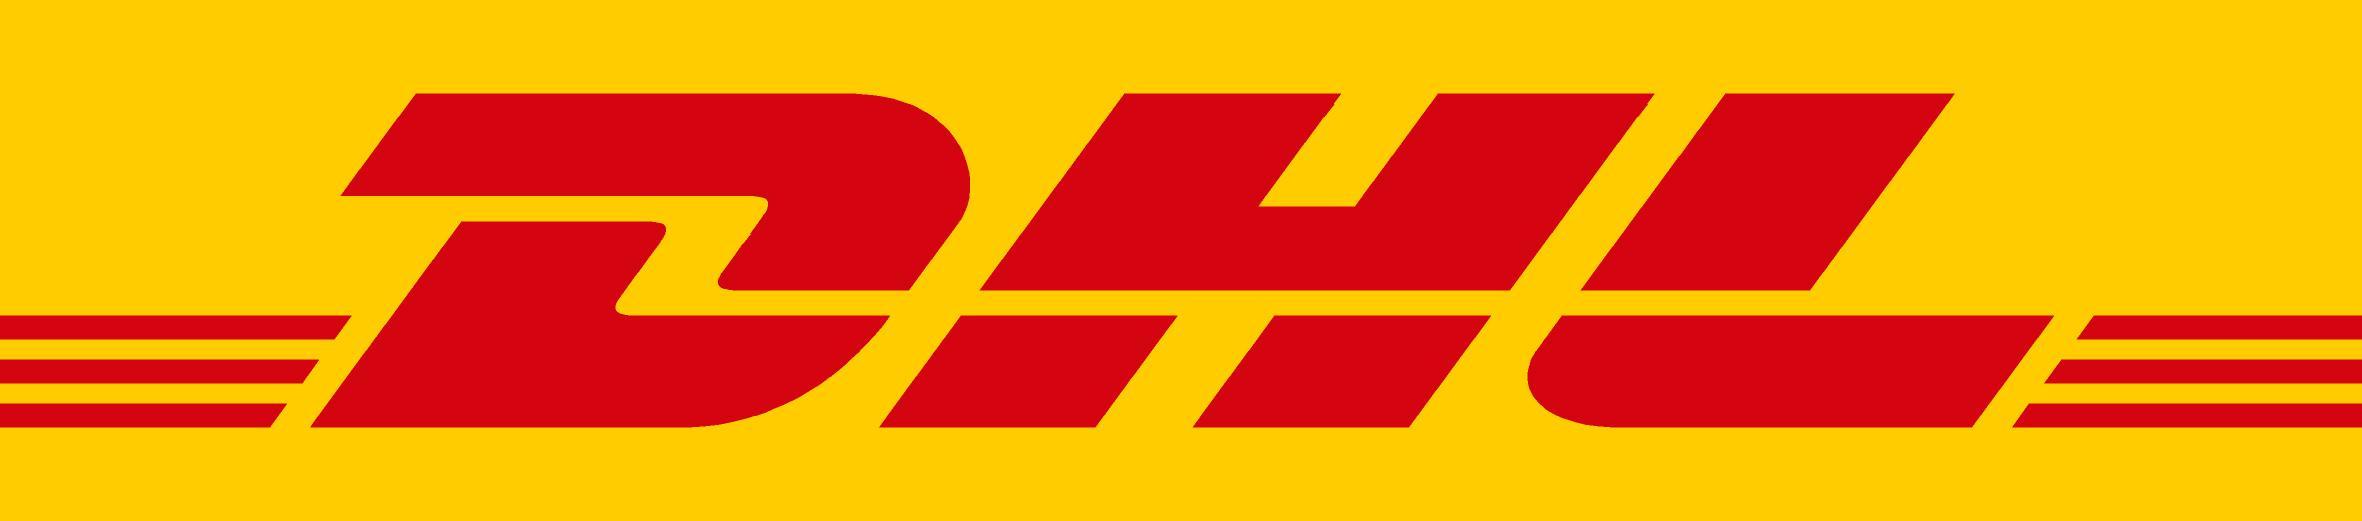 DHL  renforce sa présence en Afrique subsaharienne